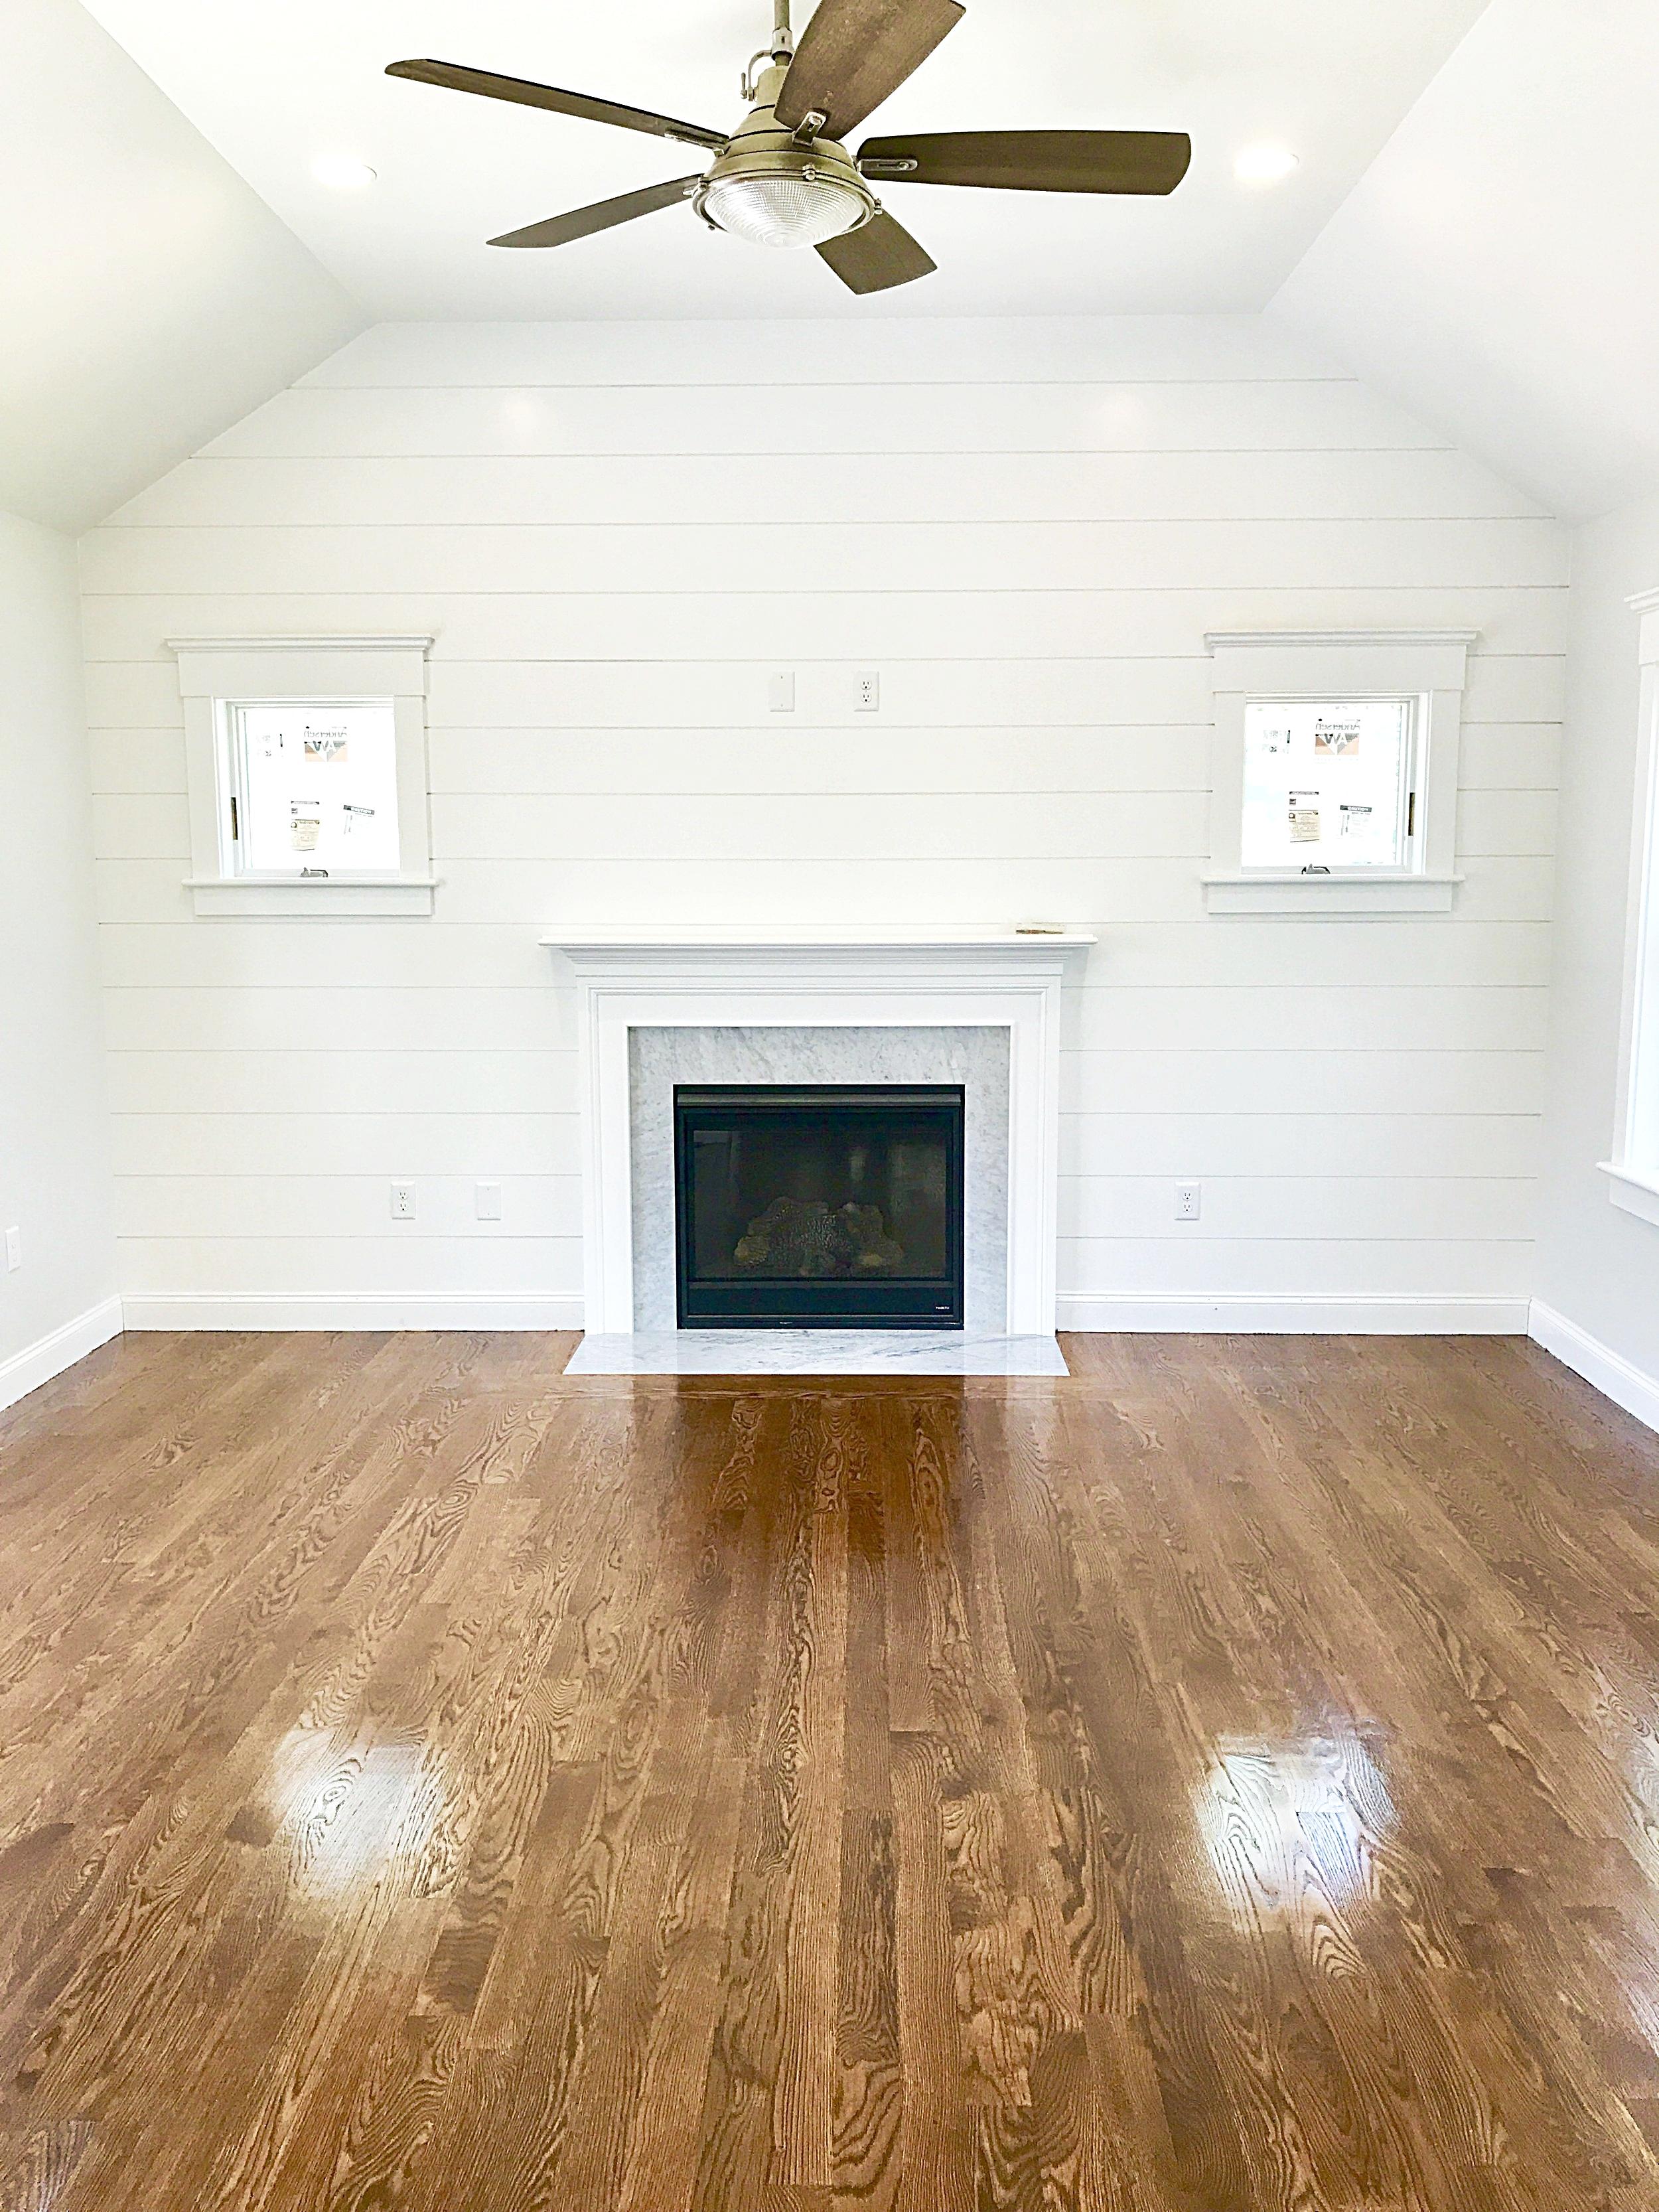 34 cran fireplace 7-8-18.jpg